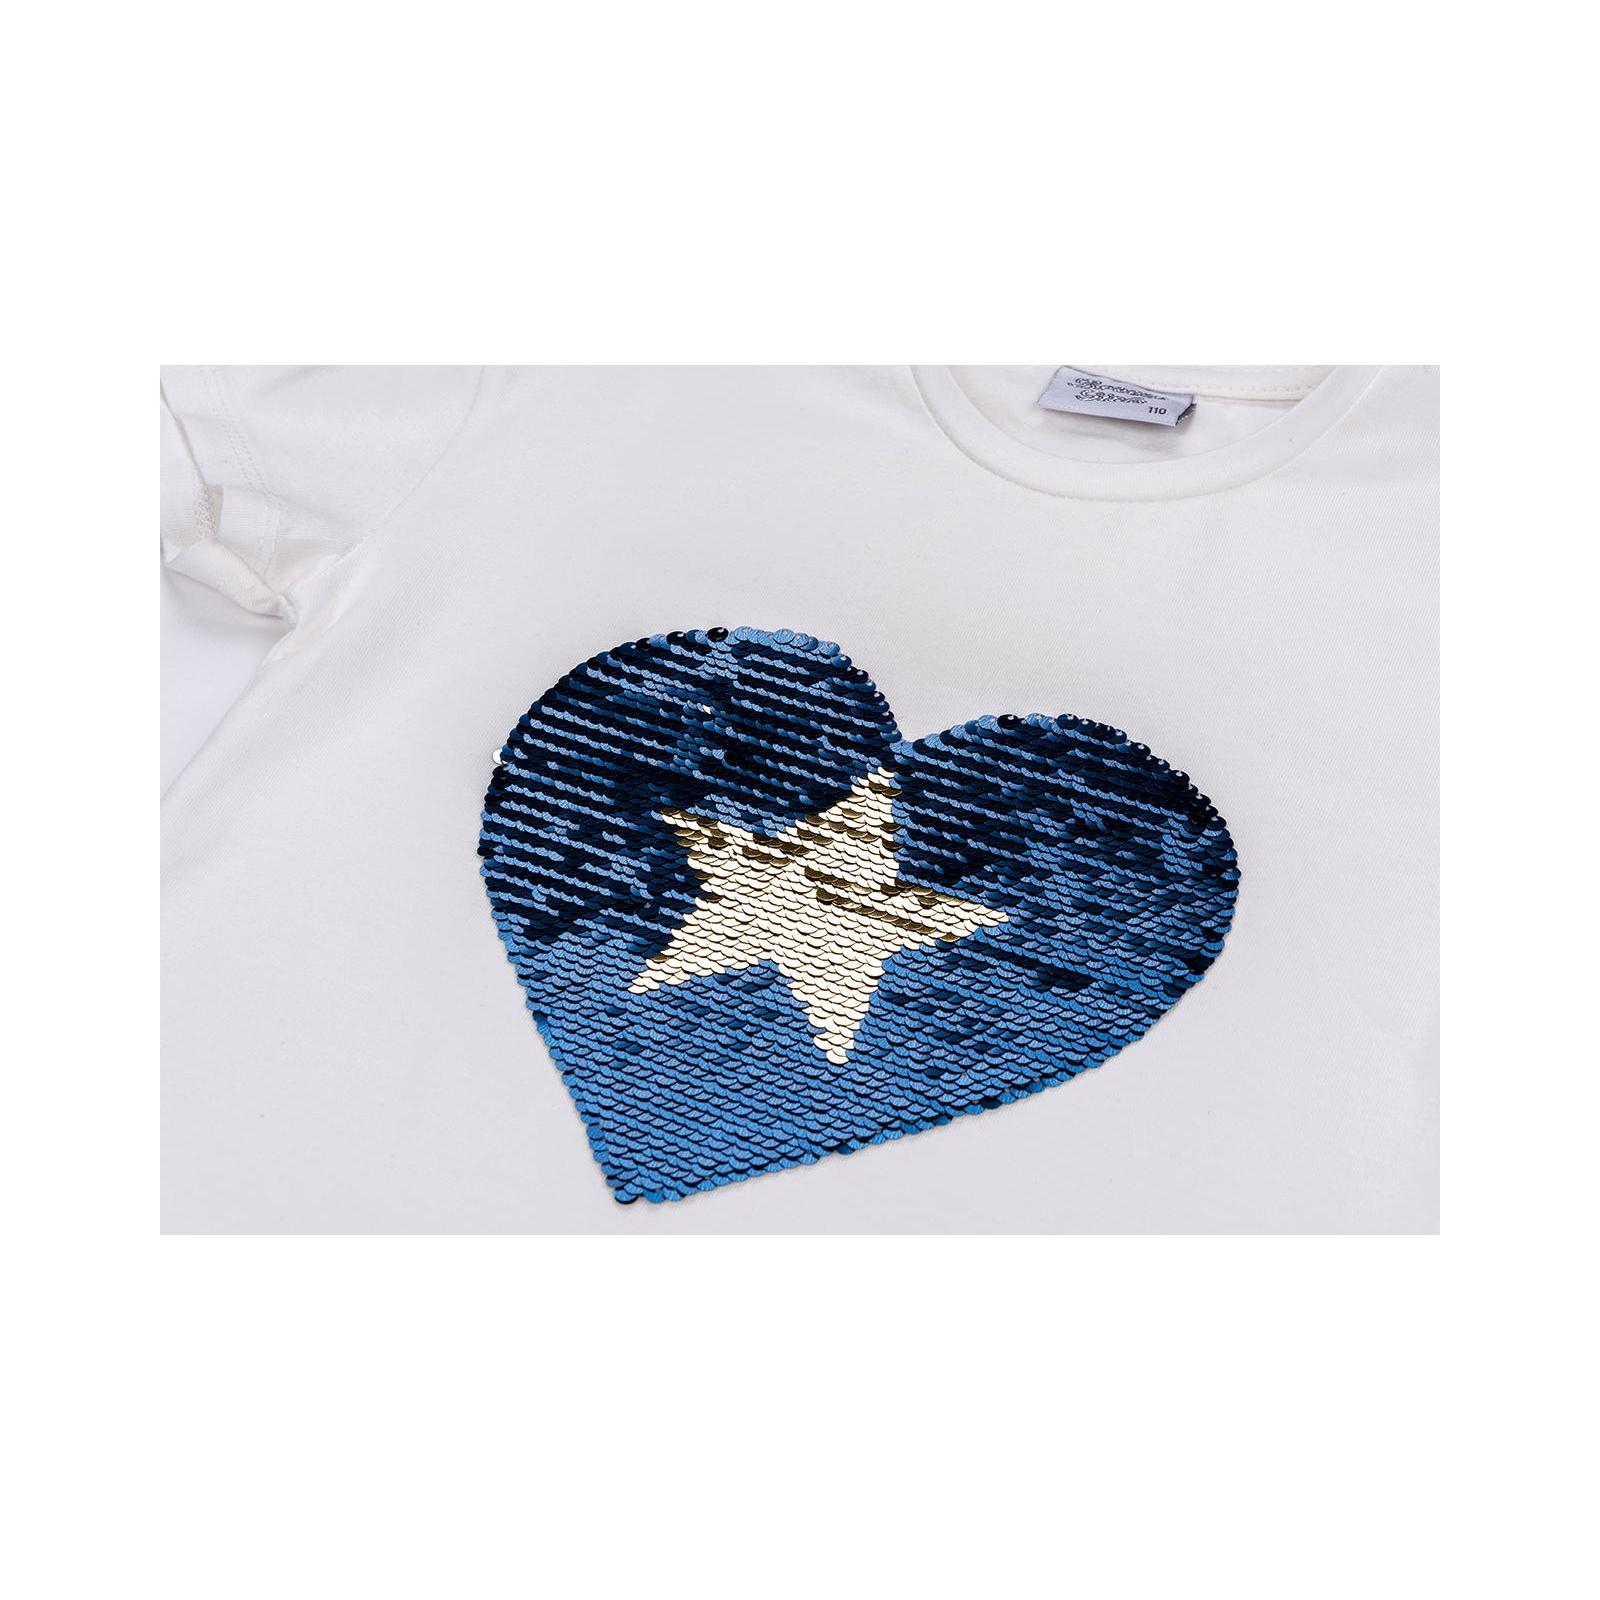 Футболка детская Breeze с сердцем перевертышем (9287-110G-blue) изображение 4